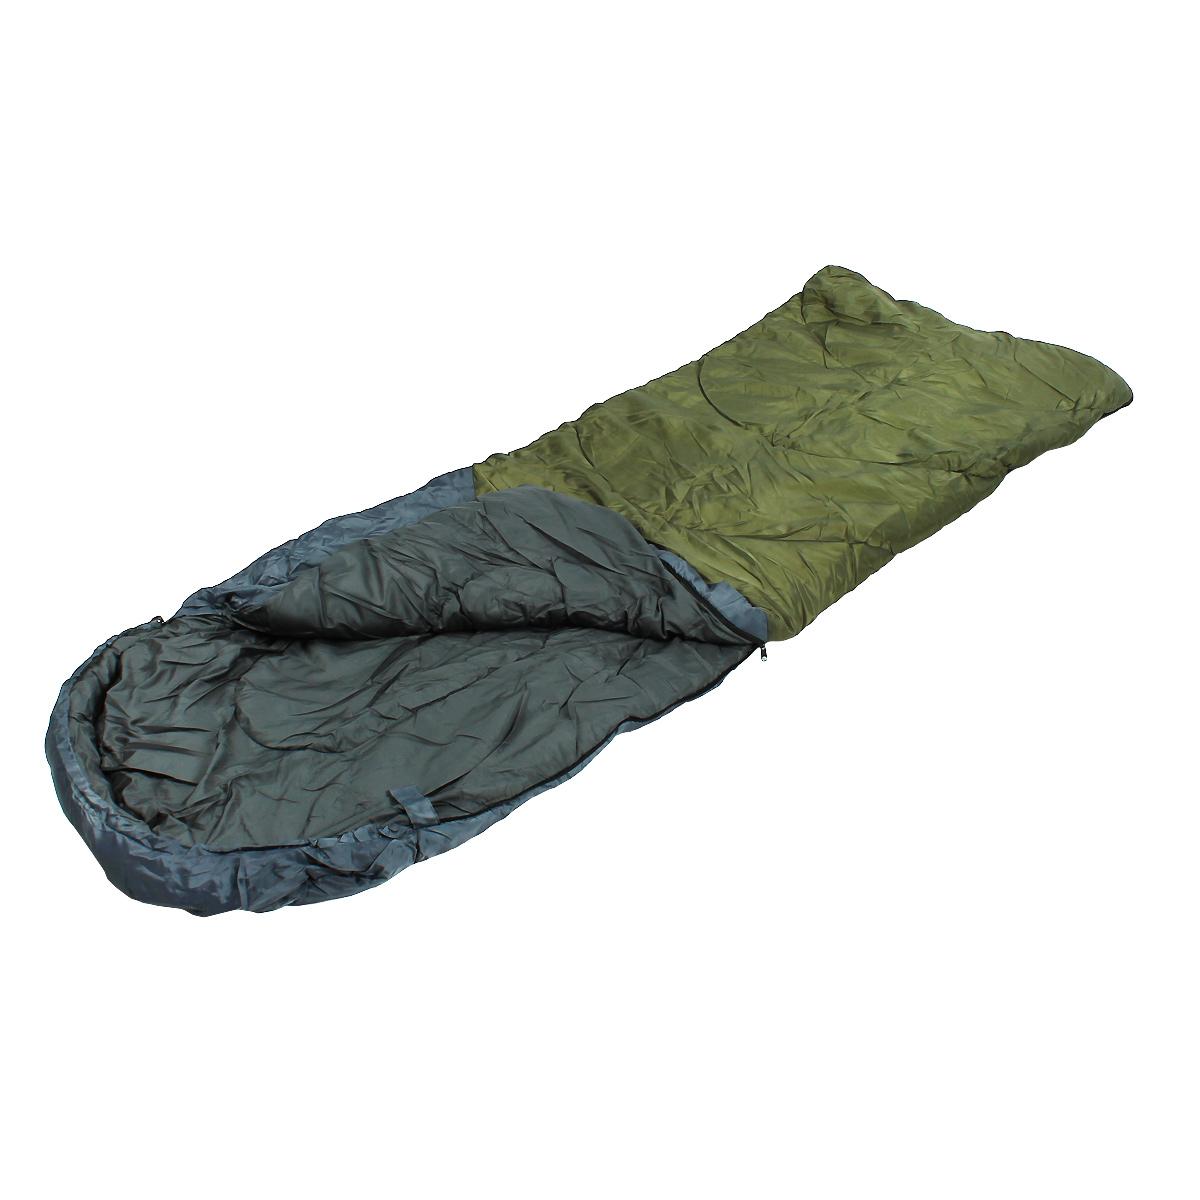 Спальный мешок-одеяло Happy Camper с подголовником, цвет: синий, зеленыйУТ-000050401Комфортный спальник-одеяло имеет прямоугольную форму и одинаковую ширину как вверху, так и внизу, благодаря чему ноги чувствуют себя более свободно. Молния располагается на боковой стороне, благодаря чему при ее расстегивании спальник превращается в довольно большое одеяло. Характеристики:Размер спального мешка с учетом подголовника: 220 см х 85 см. Утеплитель: холлофайбер 200 г/м2 х 2 слоя. Внешний материал: полиэстер 240Т Ripstop. Внутренний материал: 210Т эпонж.